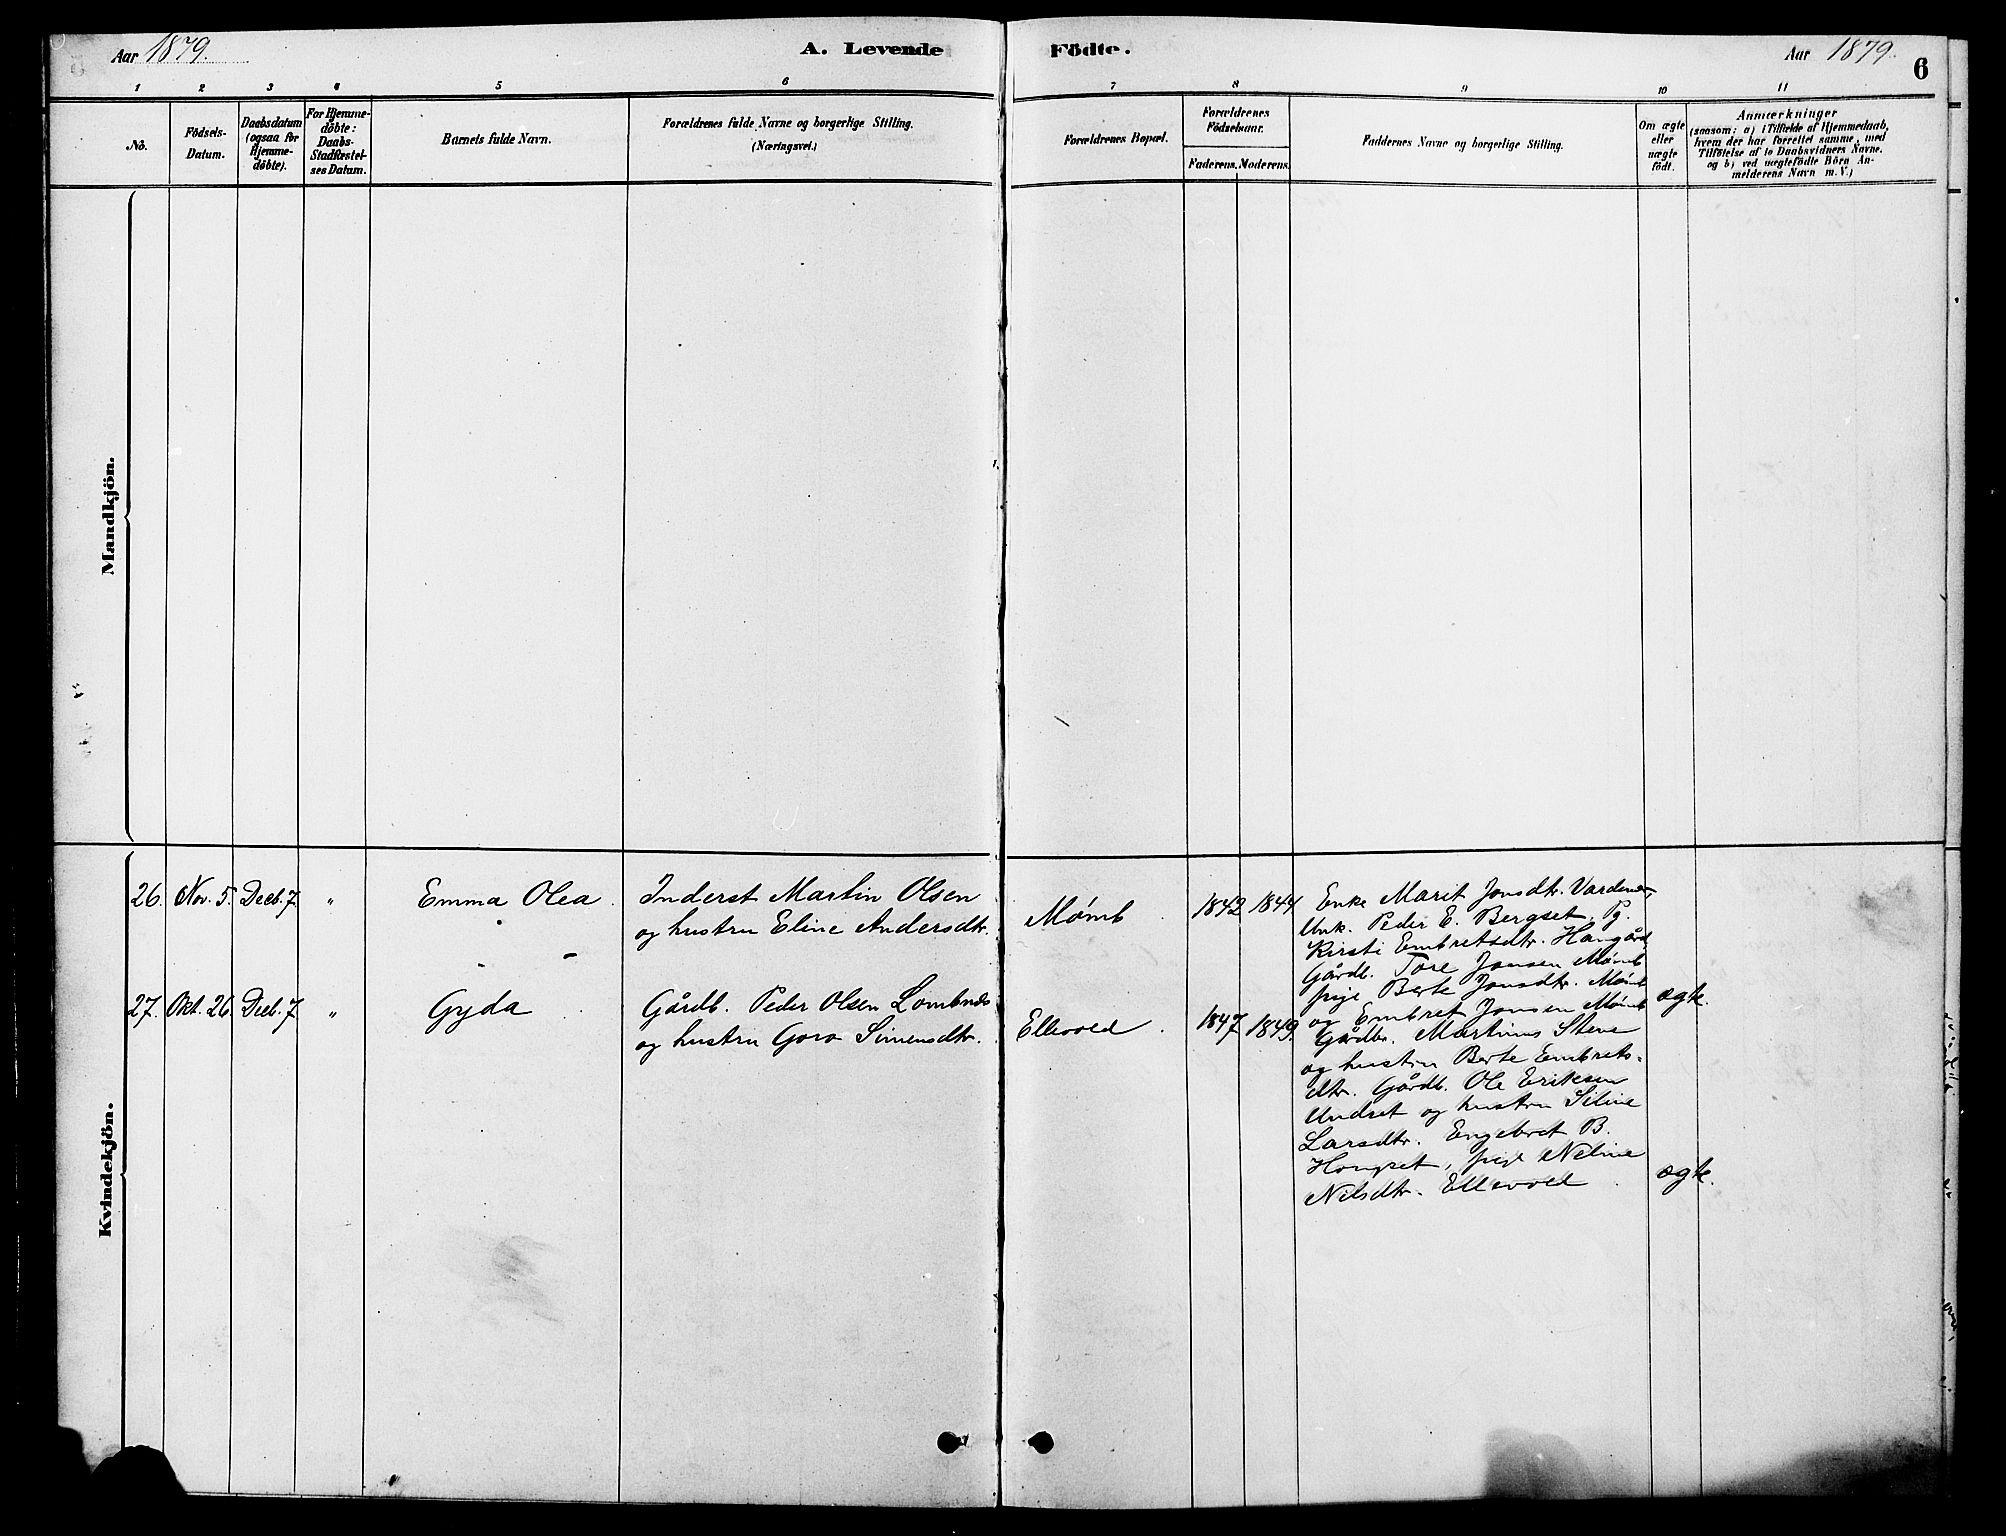 SAH, Rendalen prestekontor, H/Ha/Hab/L0003: Klokkerbok nr. 3, 1879-1904, s. 6